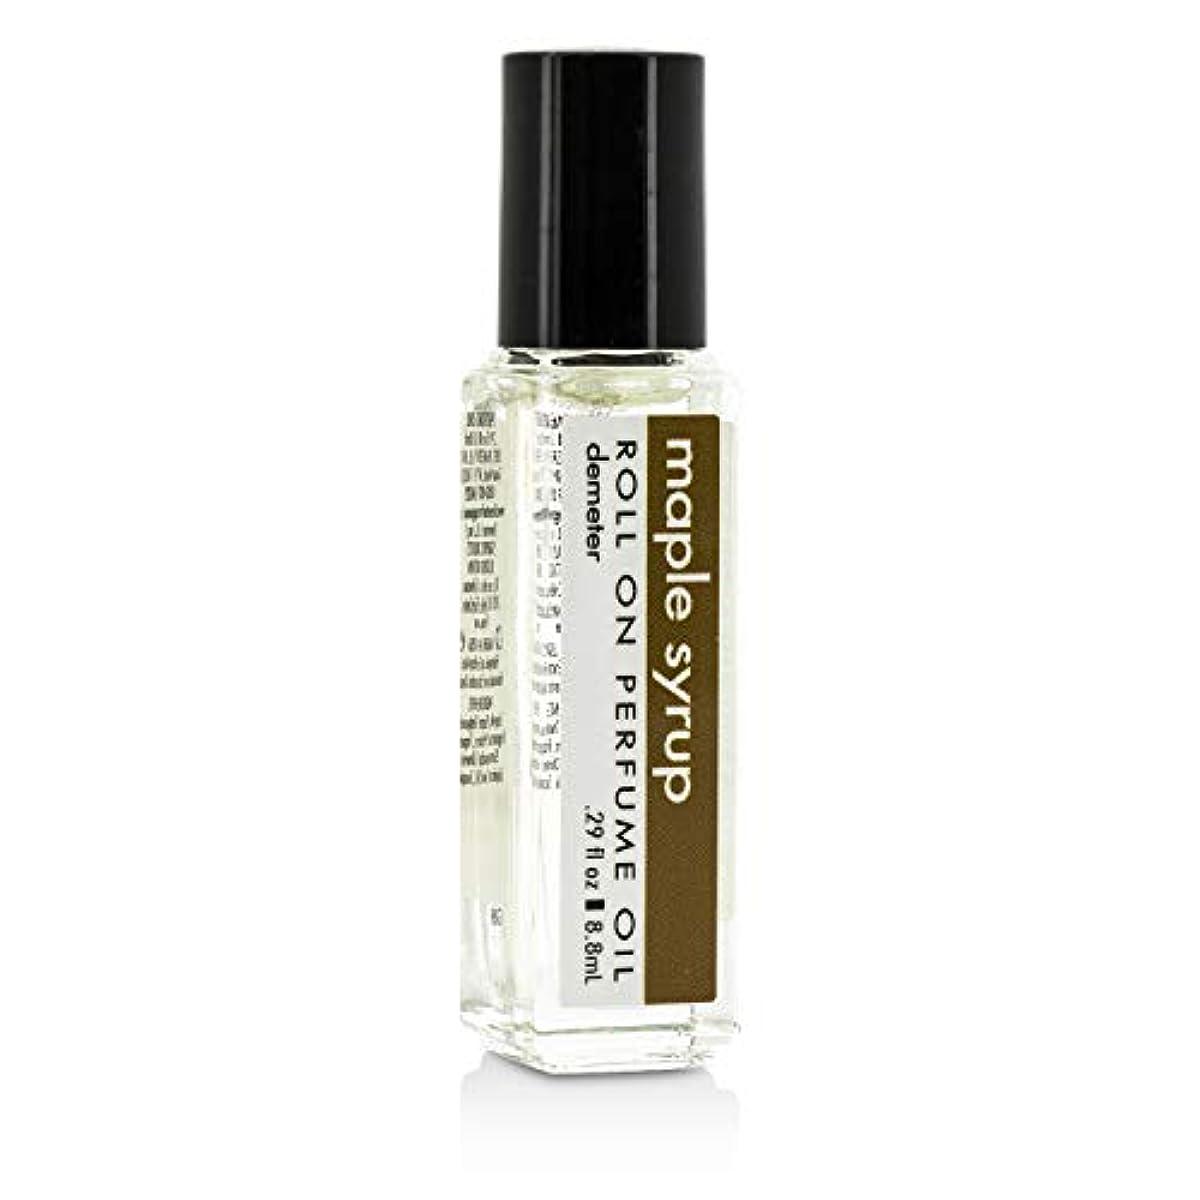 公演気候の山文明ディメーター Maple Syrup Roll On Perfume Oil 8.8ml/0.29oz並行輸入品